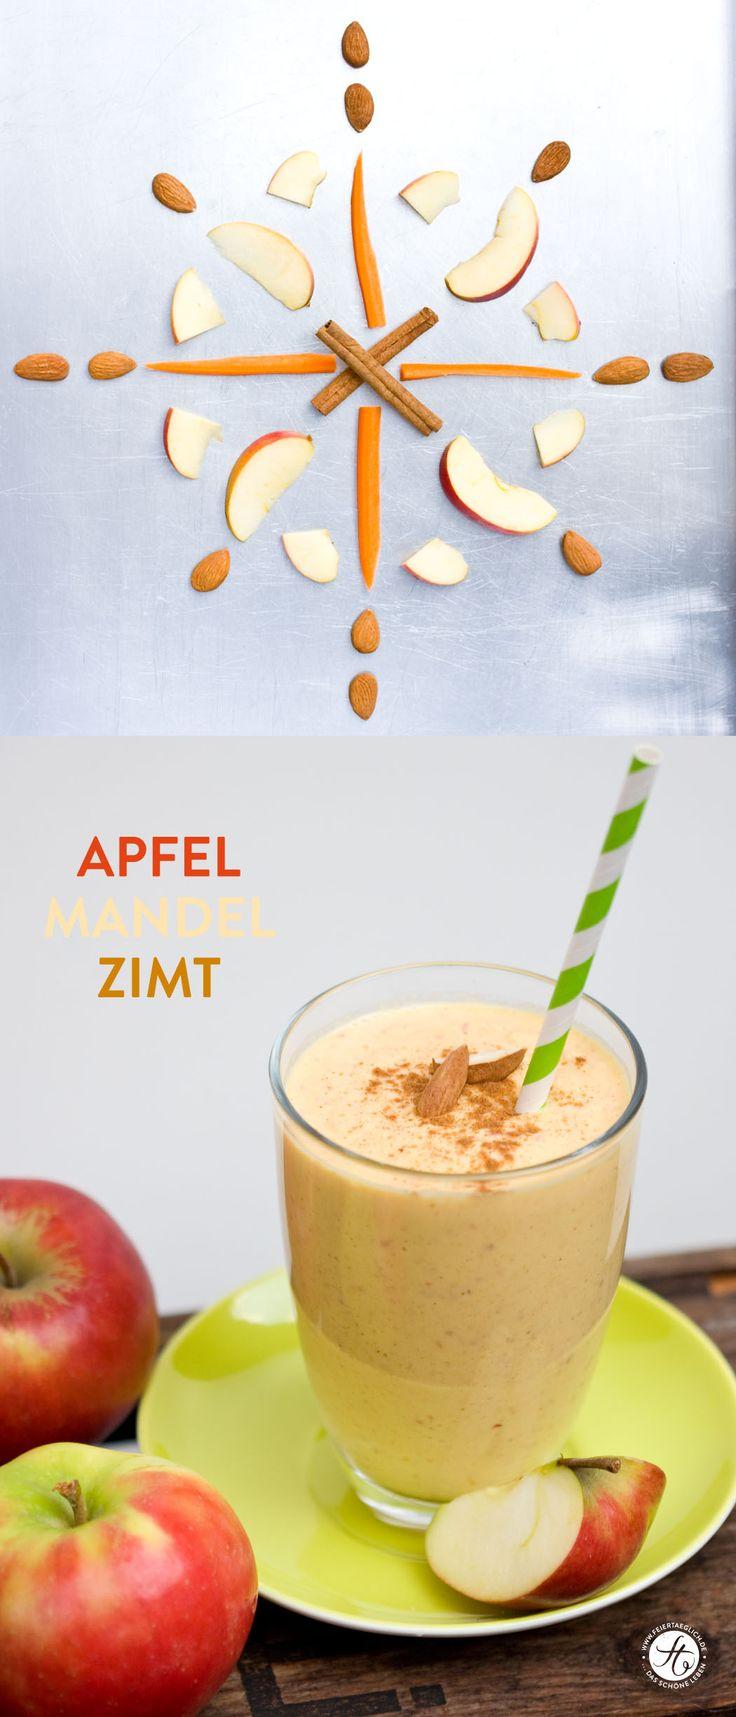 ☆ Apfel Mandel Zimt Smoothie - Statt Mandelmilch heißes Wasser und Mandeln. 2 TL Honig, mehr Zimt und etwas Nelkenpulver.  Mit vorgebackenen Äpfeln testen, um noch Apfelkuchen-ähnlicheren  Geschmack zu bekommen. - Nächstes Mal halbe Menge insgesamt machen